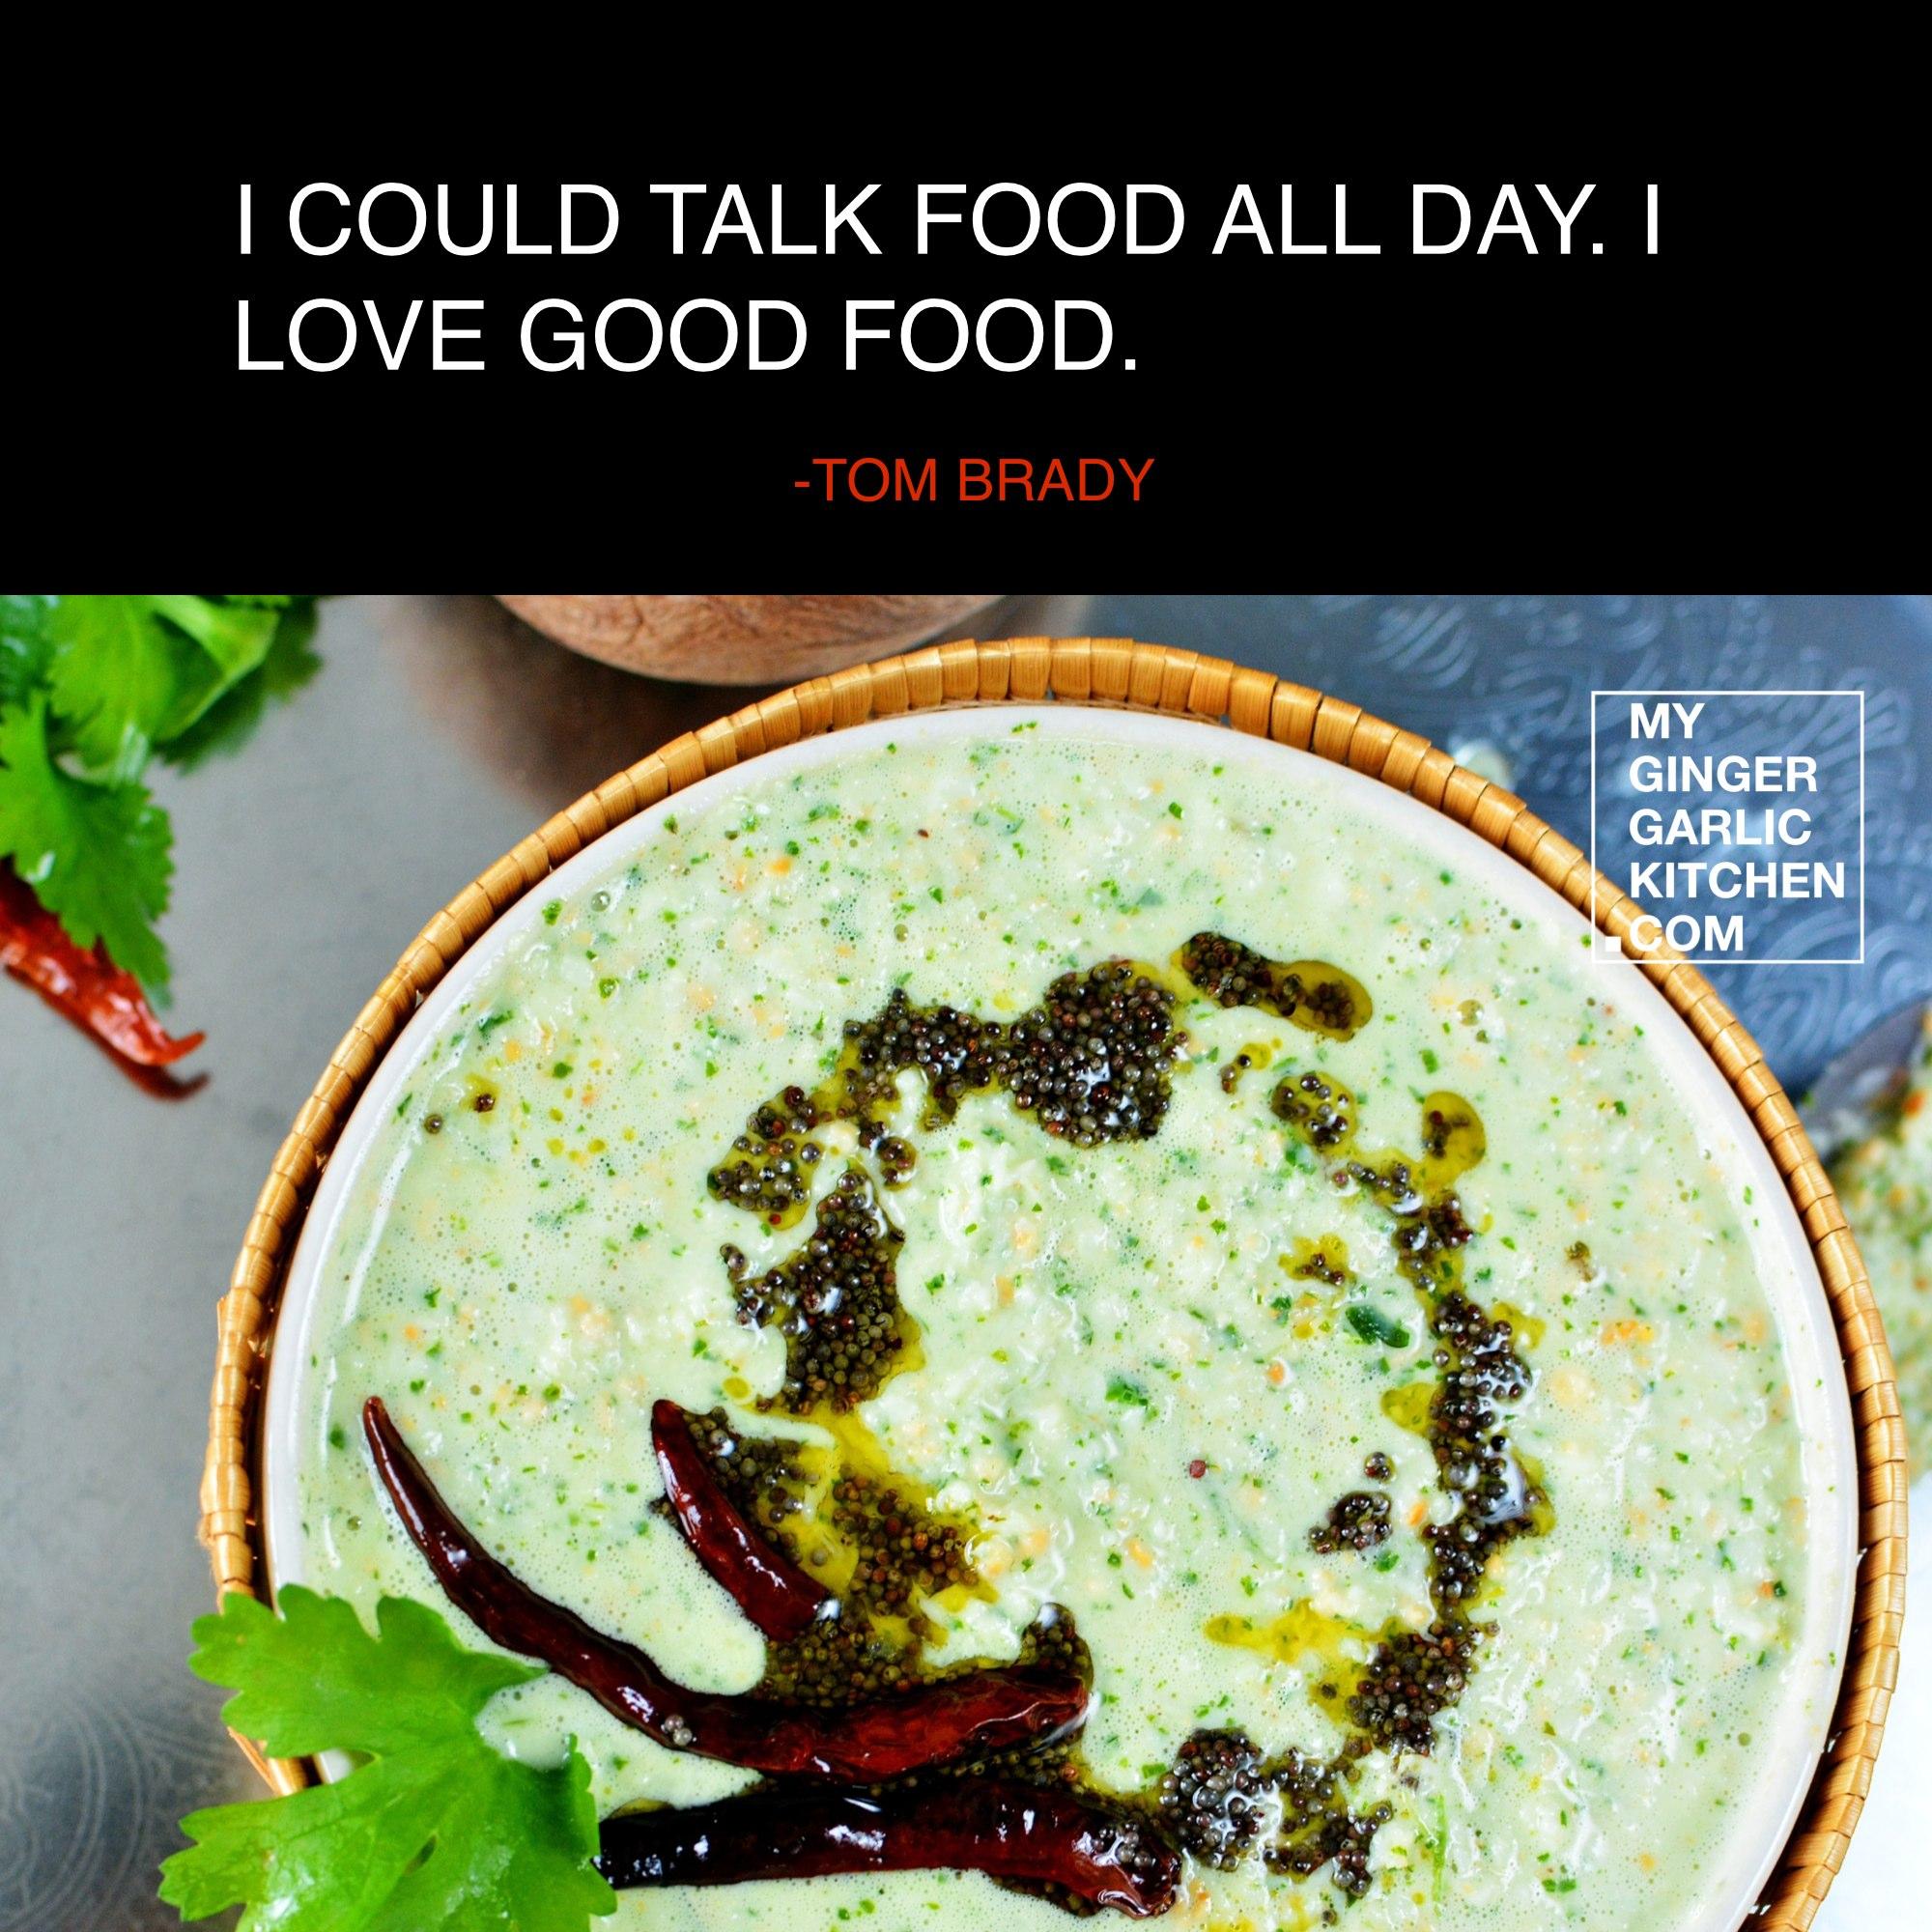 Image - quote wallpaper anupama paliwal my ginger garlic kitchen 14